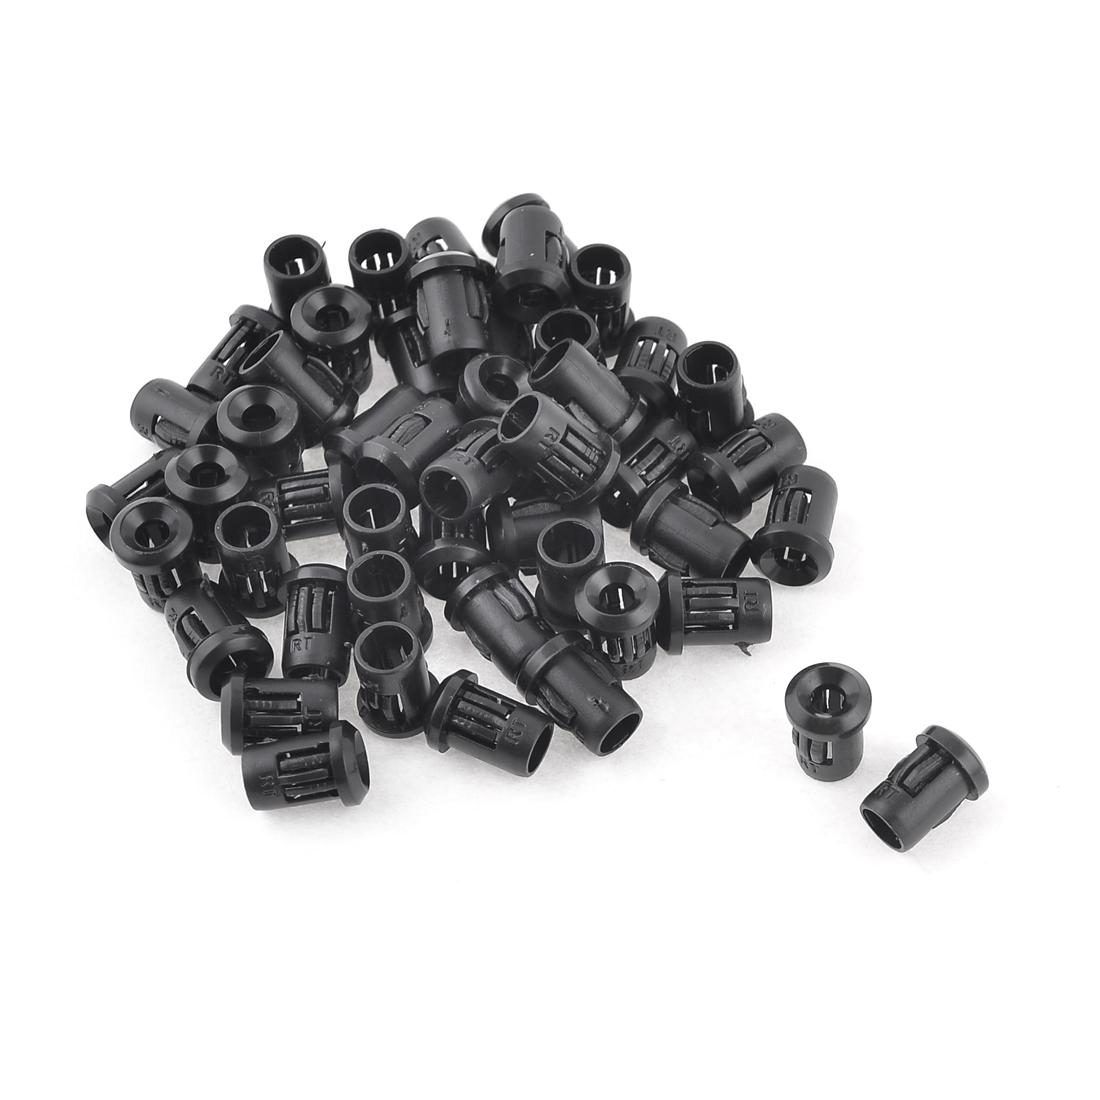 Household 3mm Diameter LED Lamp Light Holder Shell Black 50 Pieces